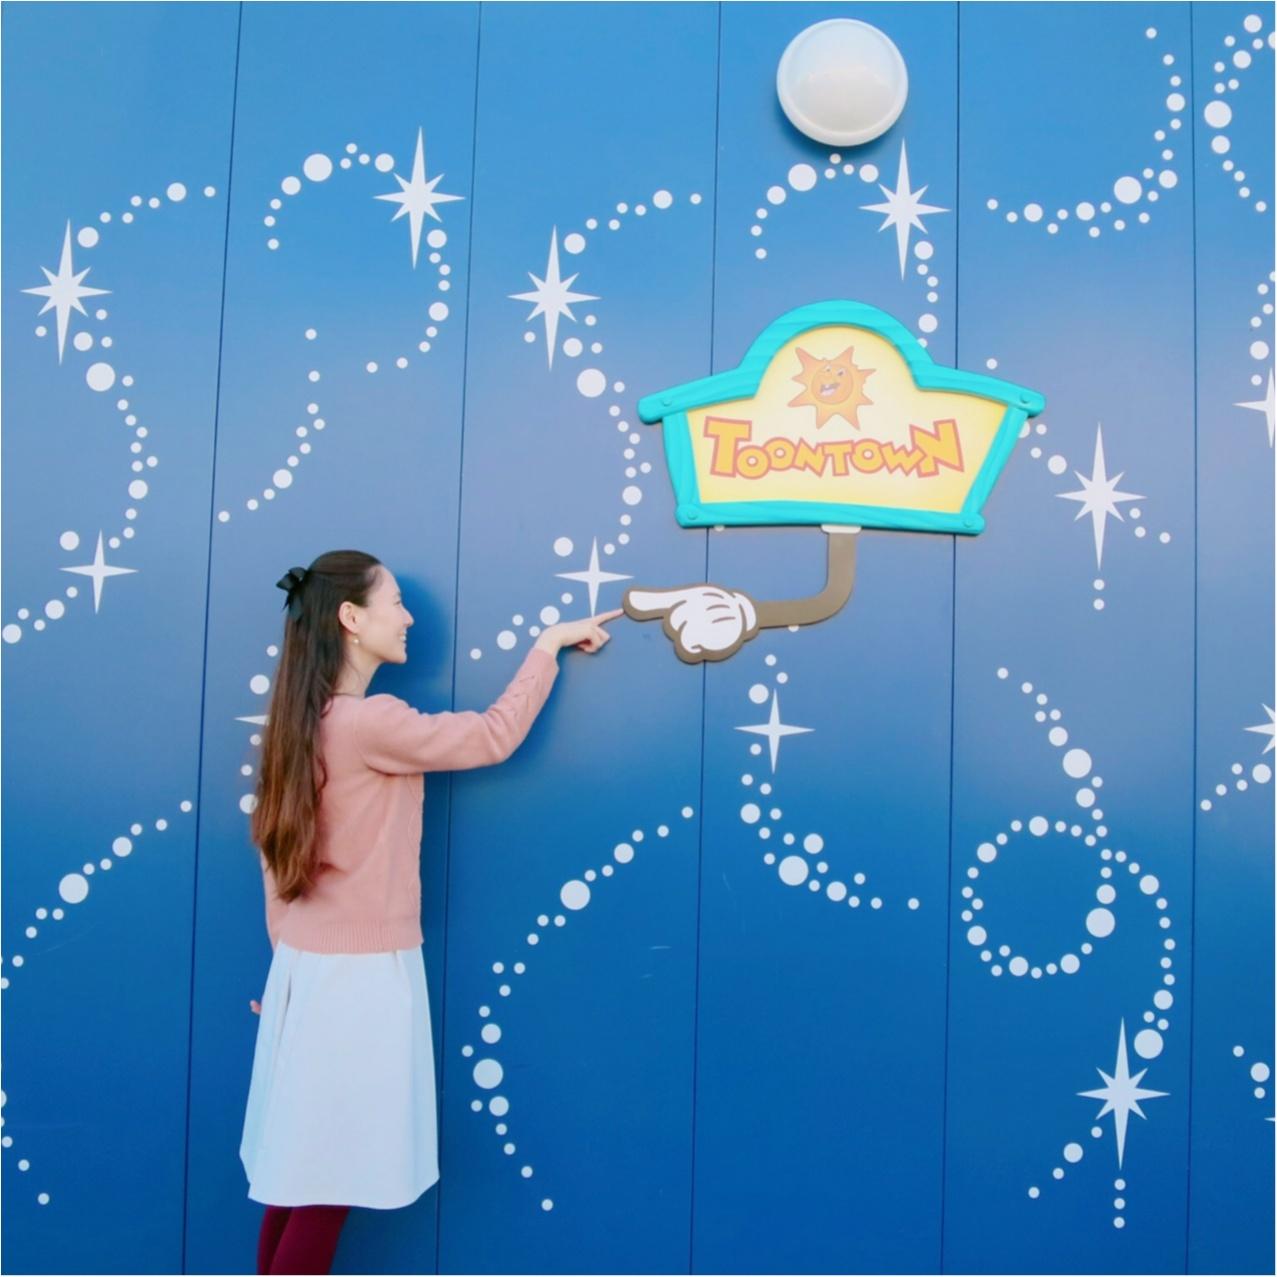 撮るだけでかわいくなる♡ ディズニーランドの工事中の壁が《 フォトスポット 》になってるって知ってる?_2